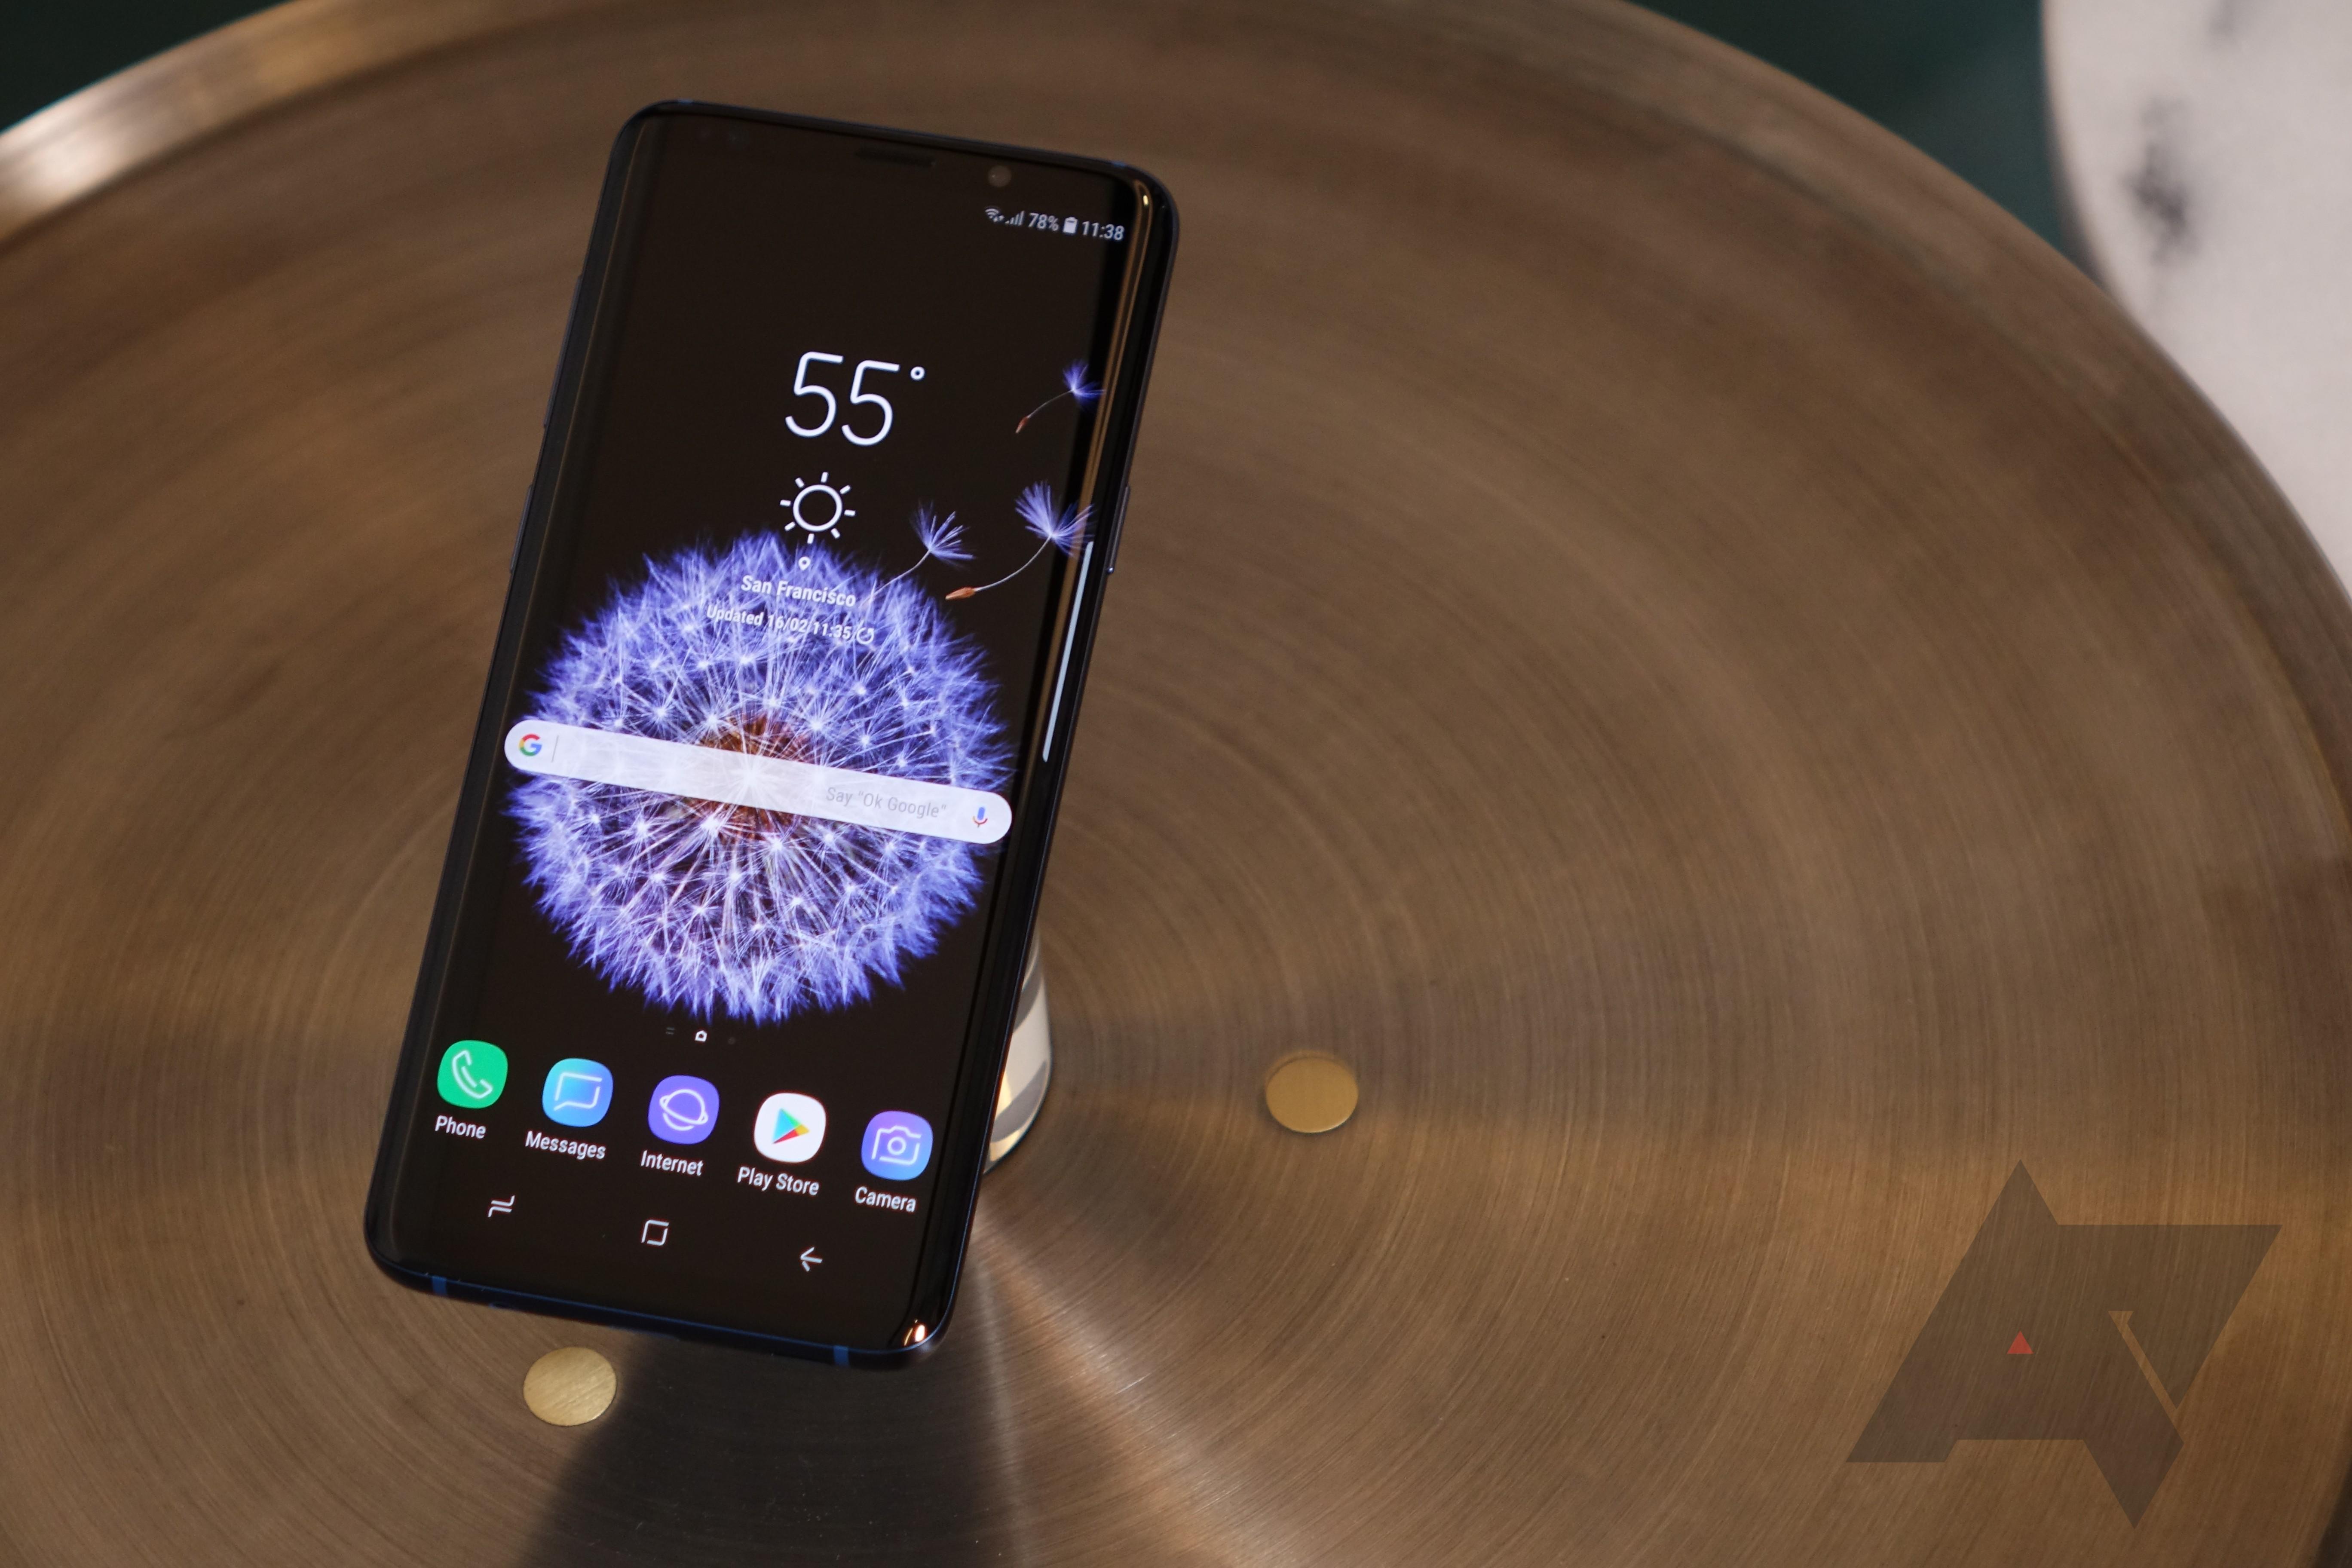 Samsung's Galaxy S9 is official: Fingerprint sensor finally